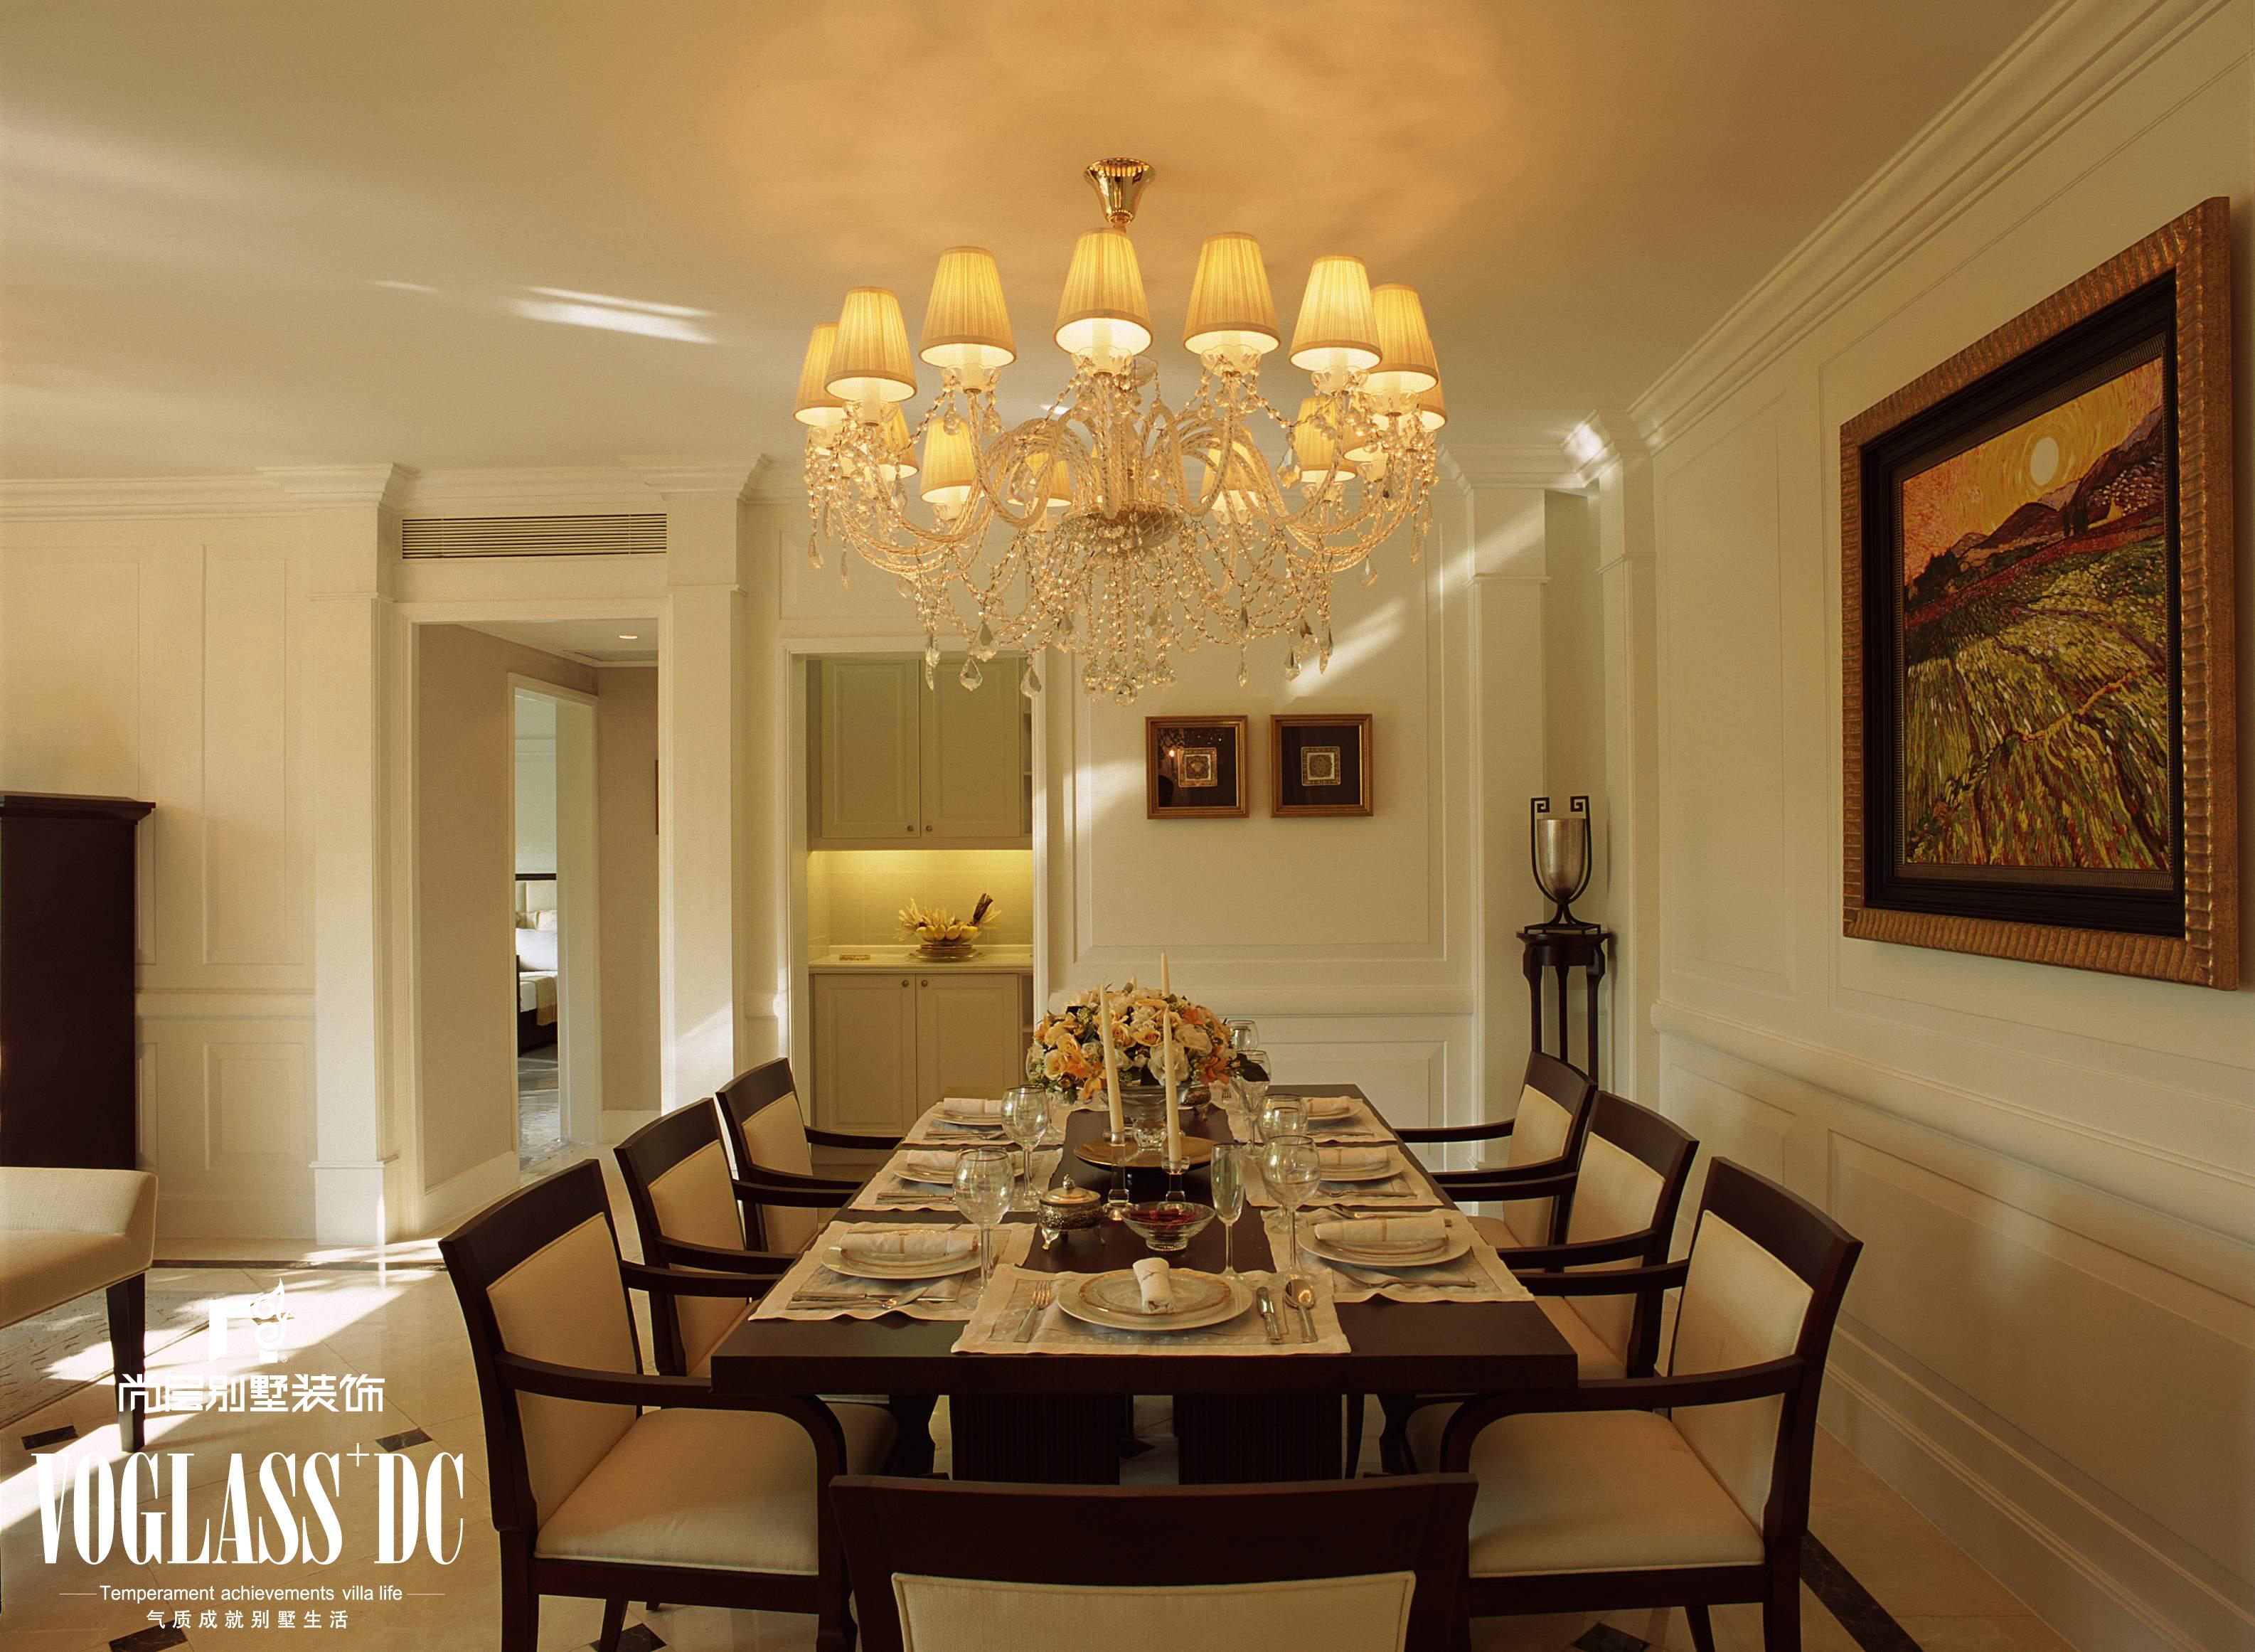 二居 三居 别墅 白领 80后 旧房改造 餐厅图片来自天津尚层装修韩政在美式风格的分享